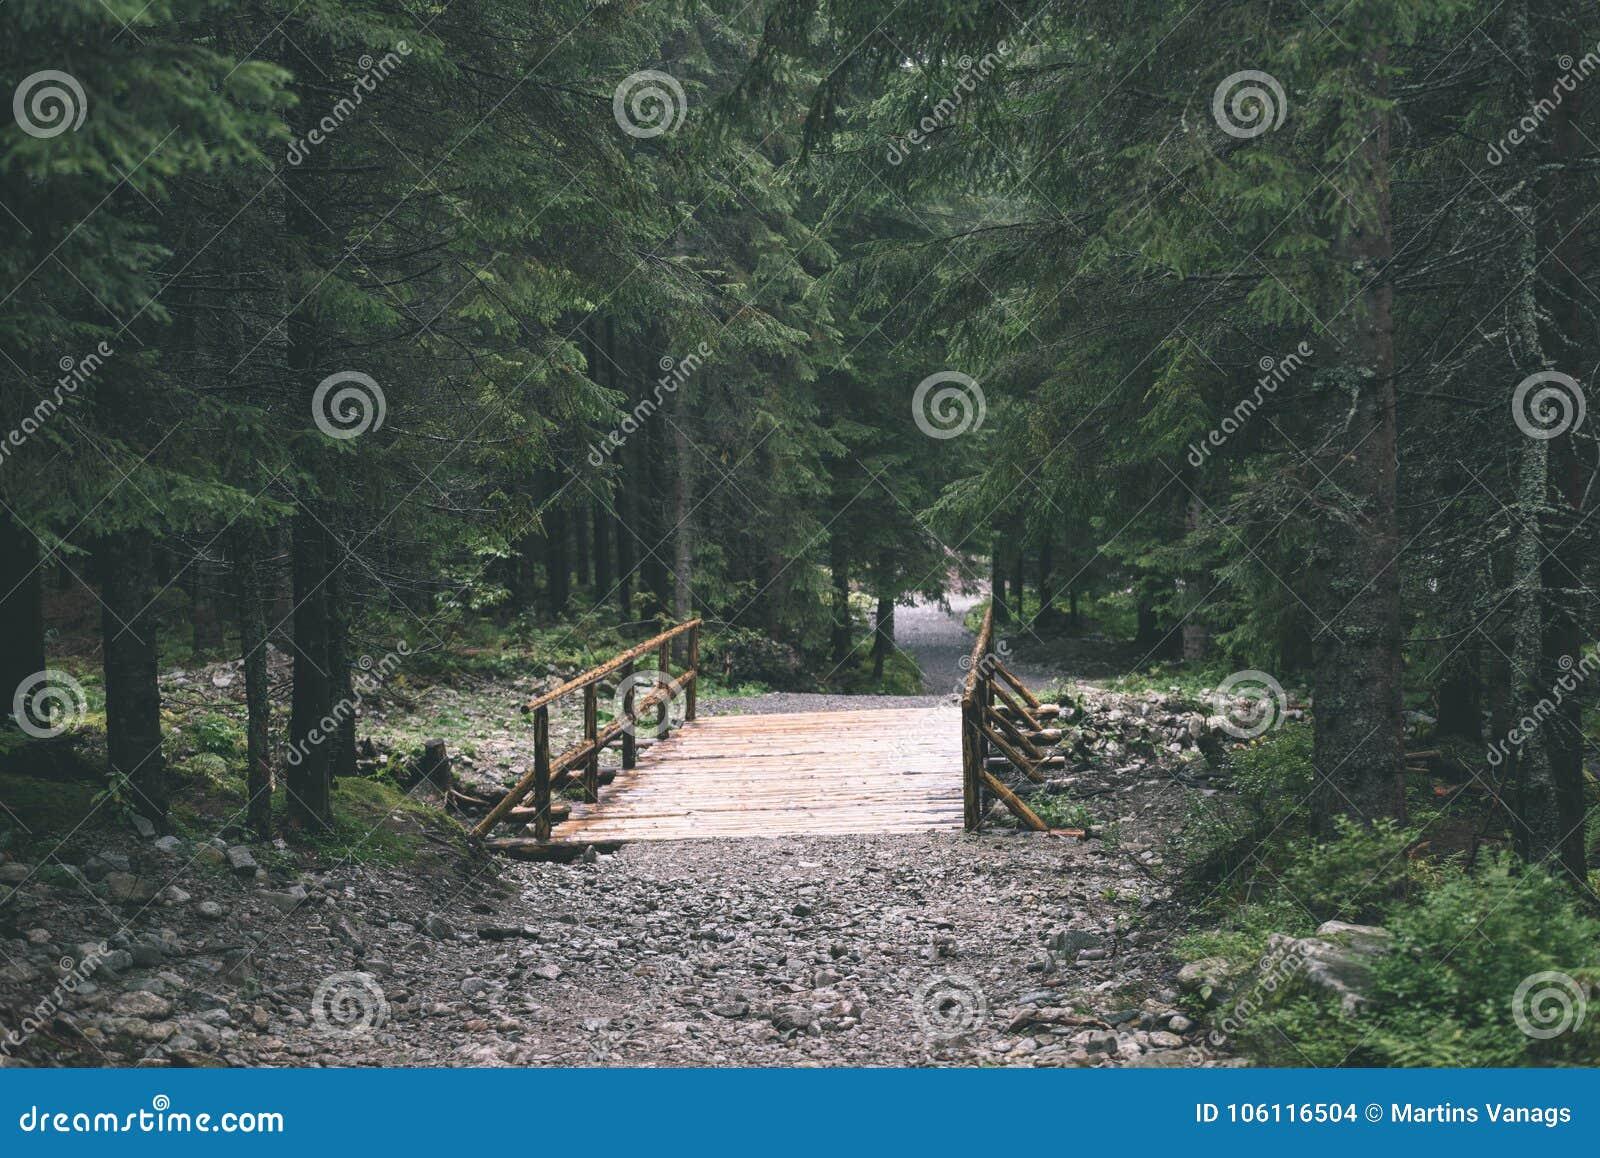 Manhã molhada enevoada nas madeiras floresta com troncos e excursão de árvore